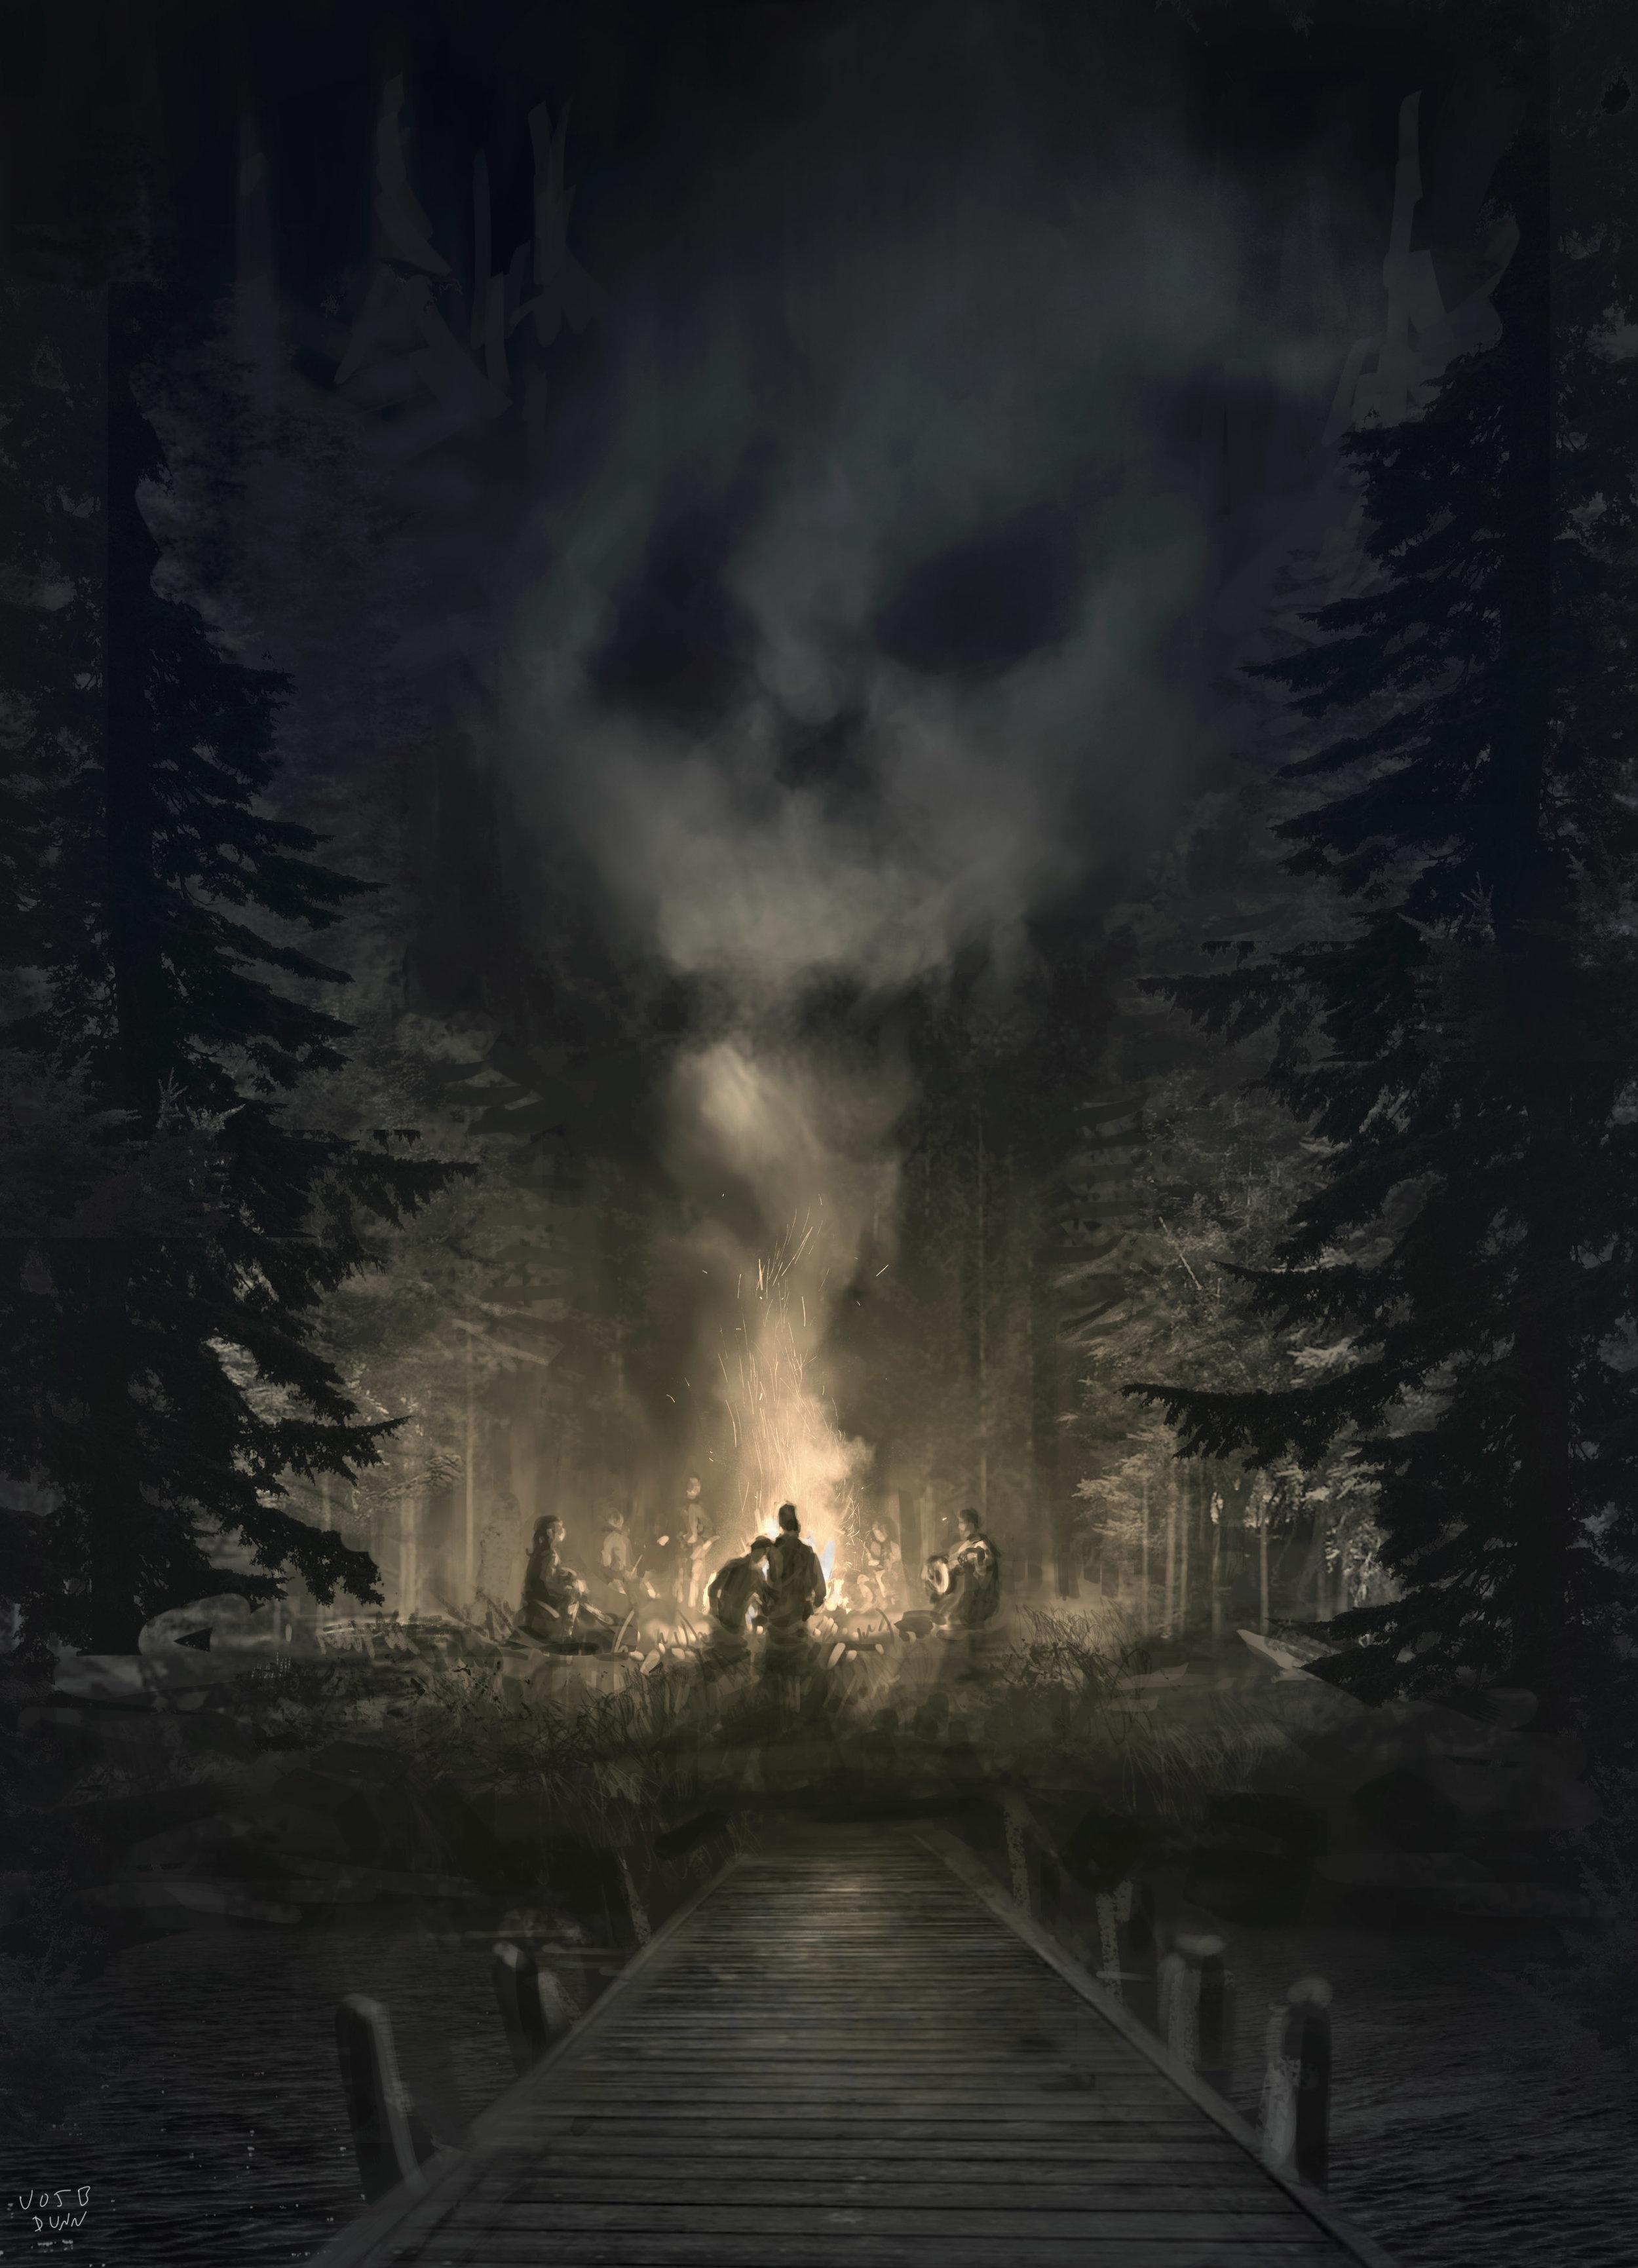 campfire-concept_v05B.jpg